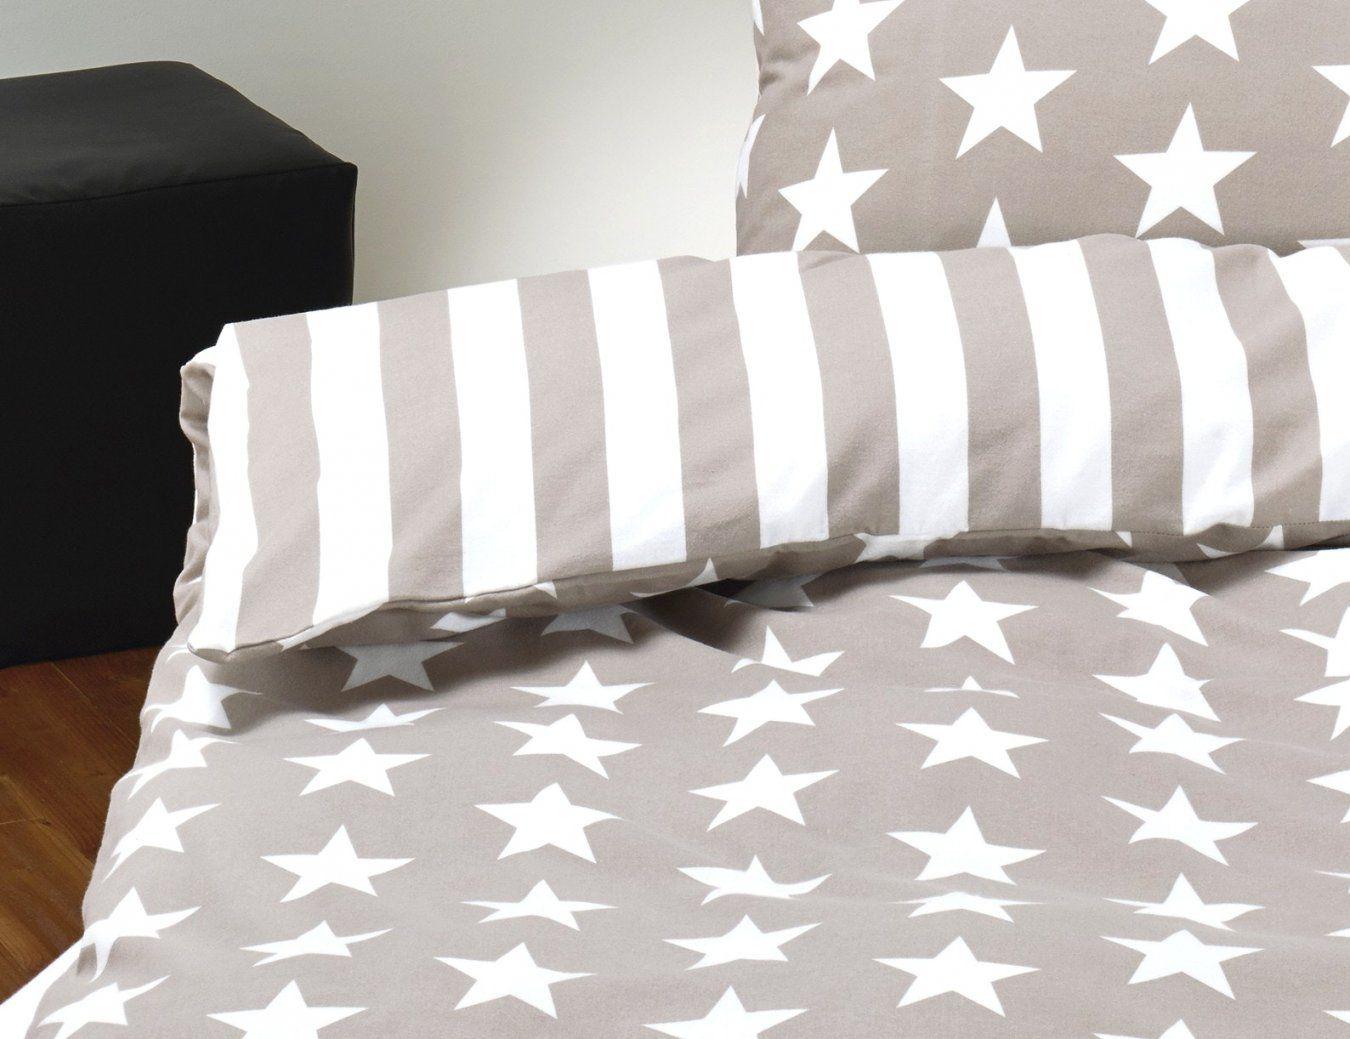 Phantasievolle Inspiration Bettwäsche Mit Sternen Aldi Und Sterne von Aldi Bettwäsche Sterne Photo